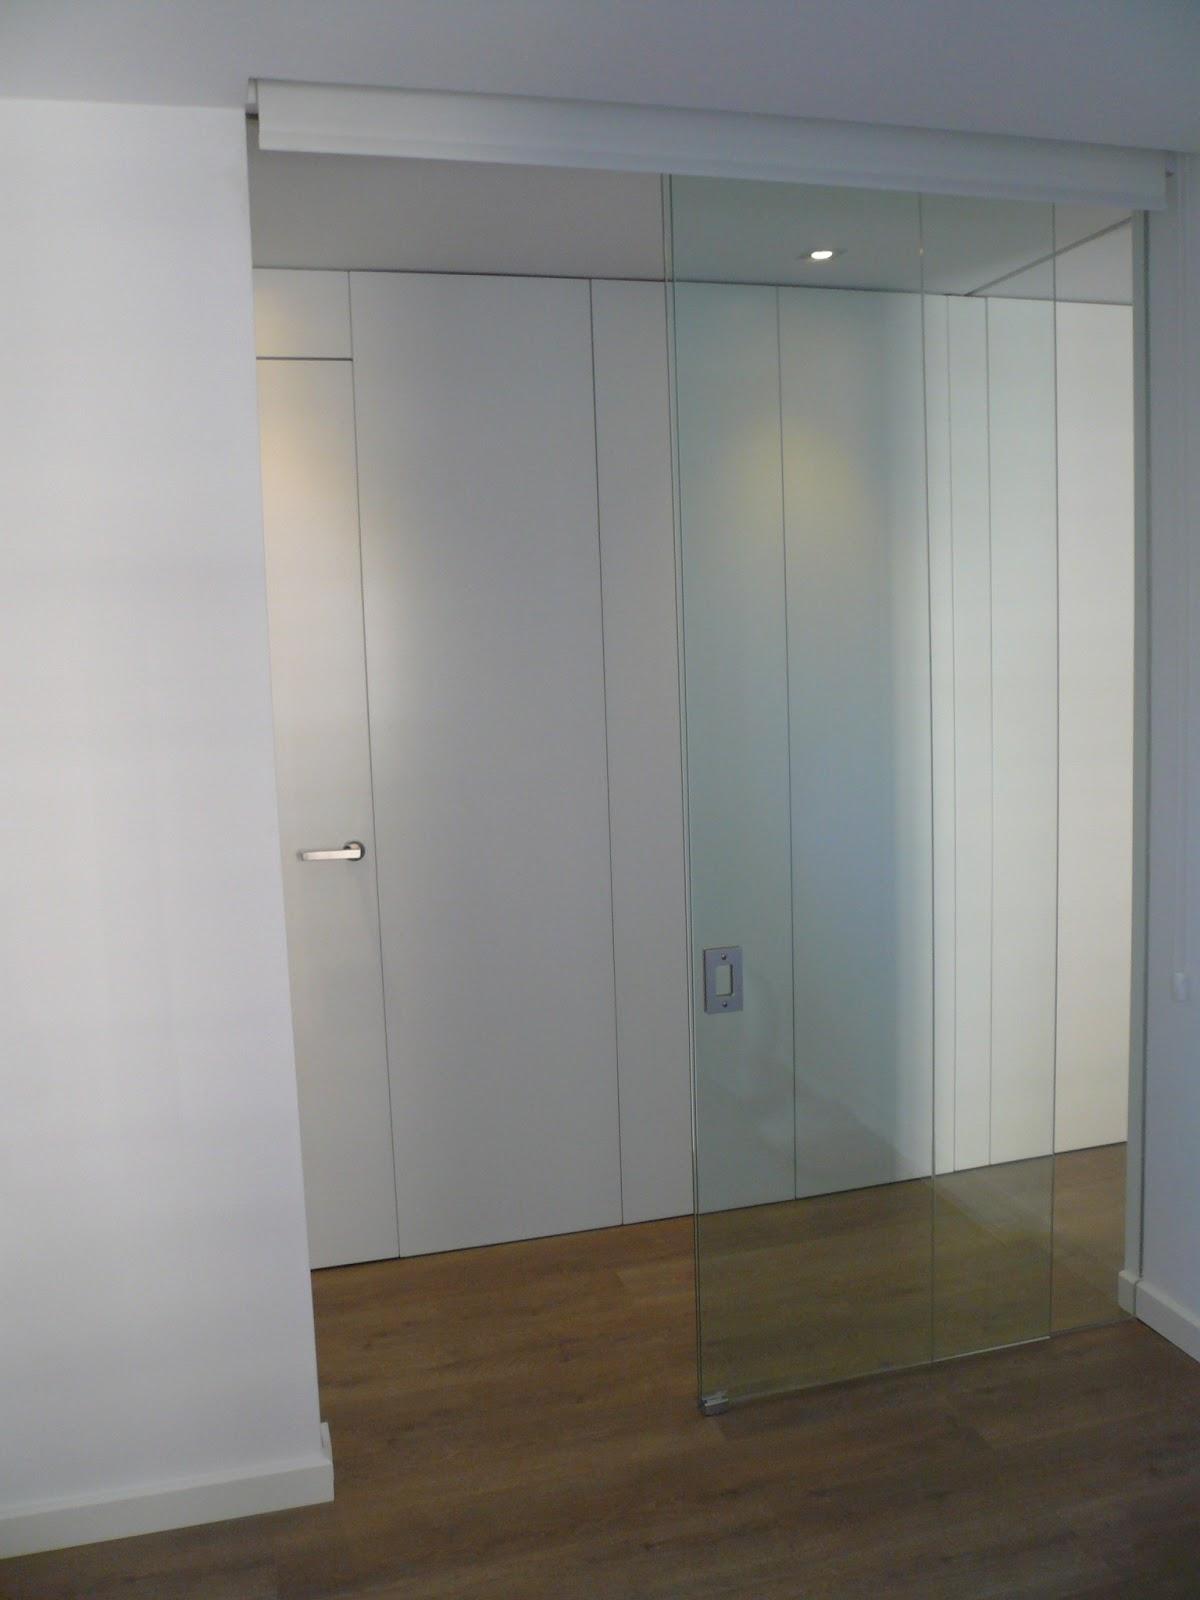 Estudio zep vivienda oht valencia for Dormitorio invitados